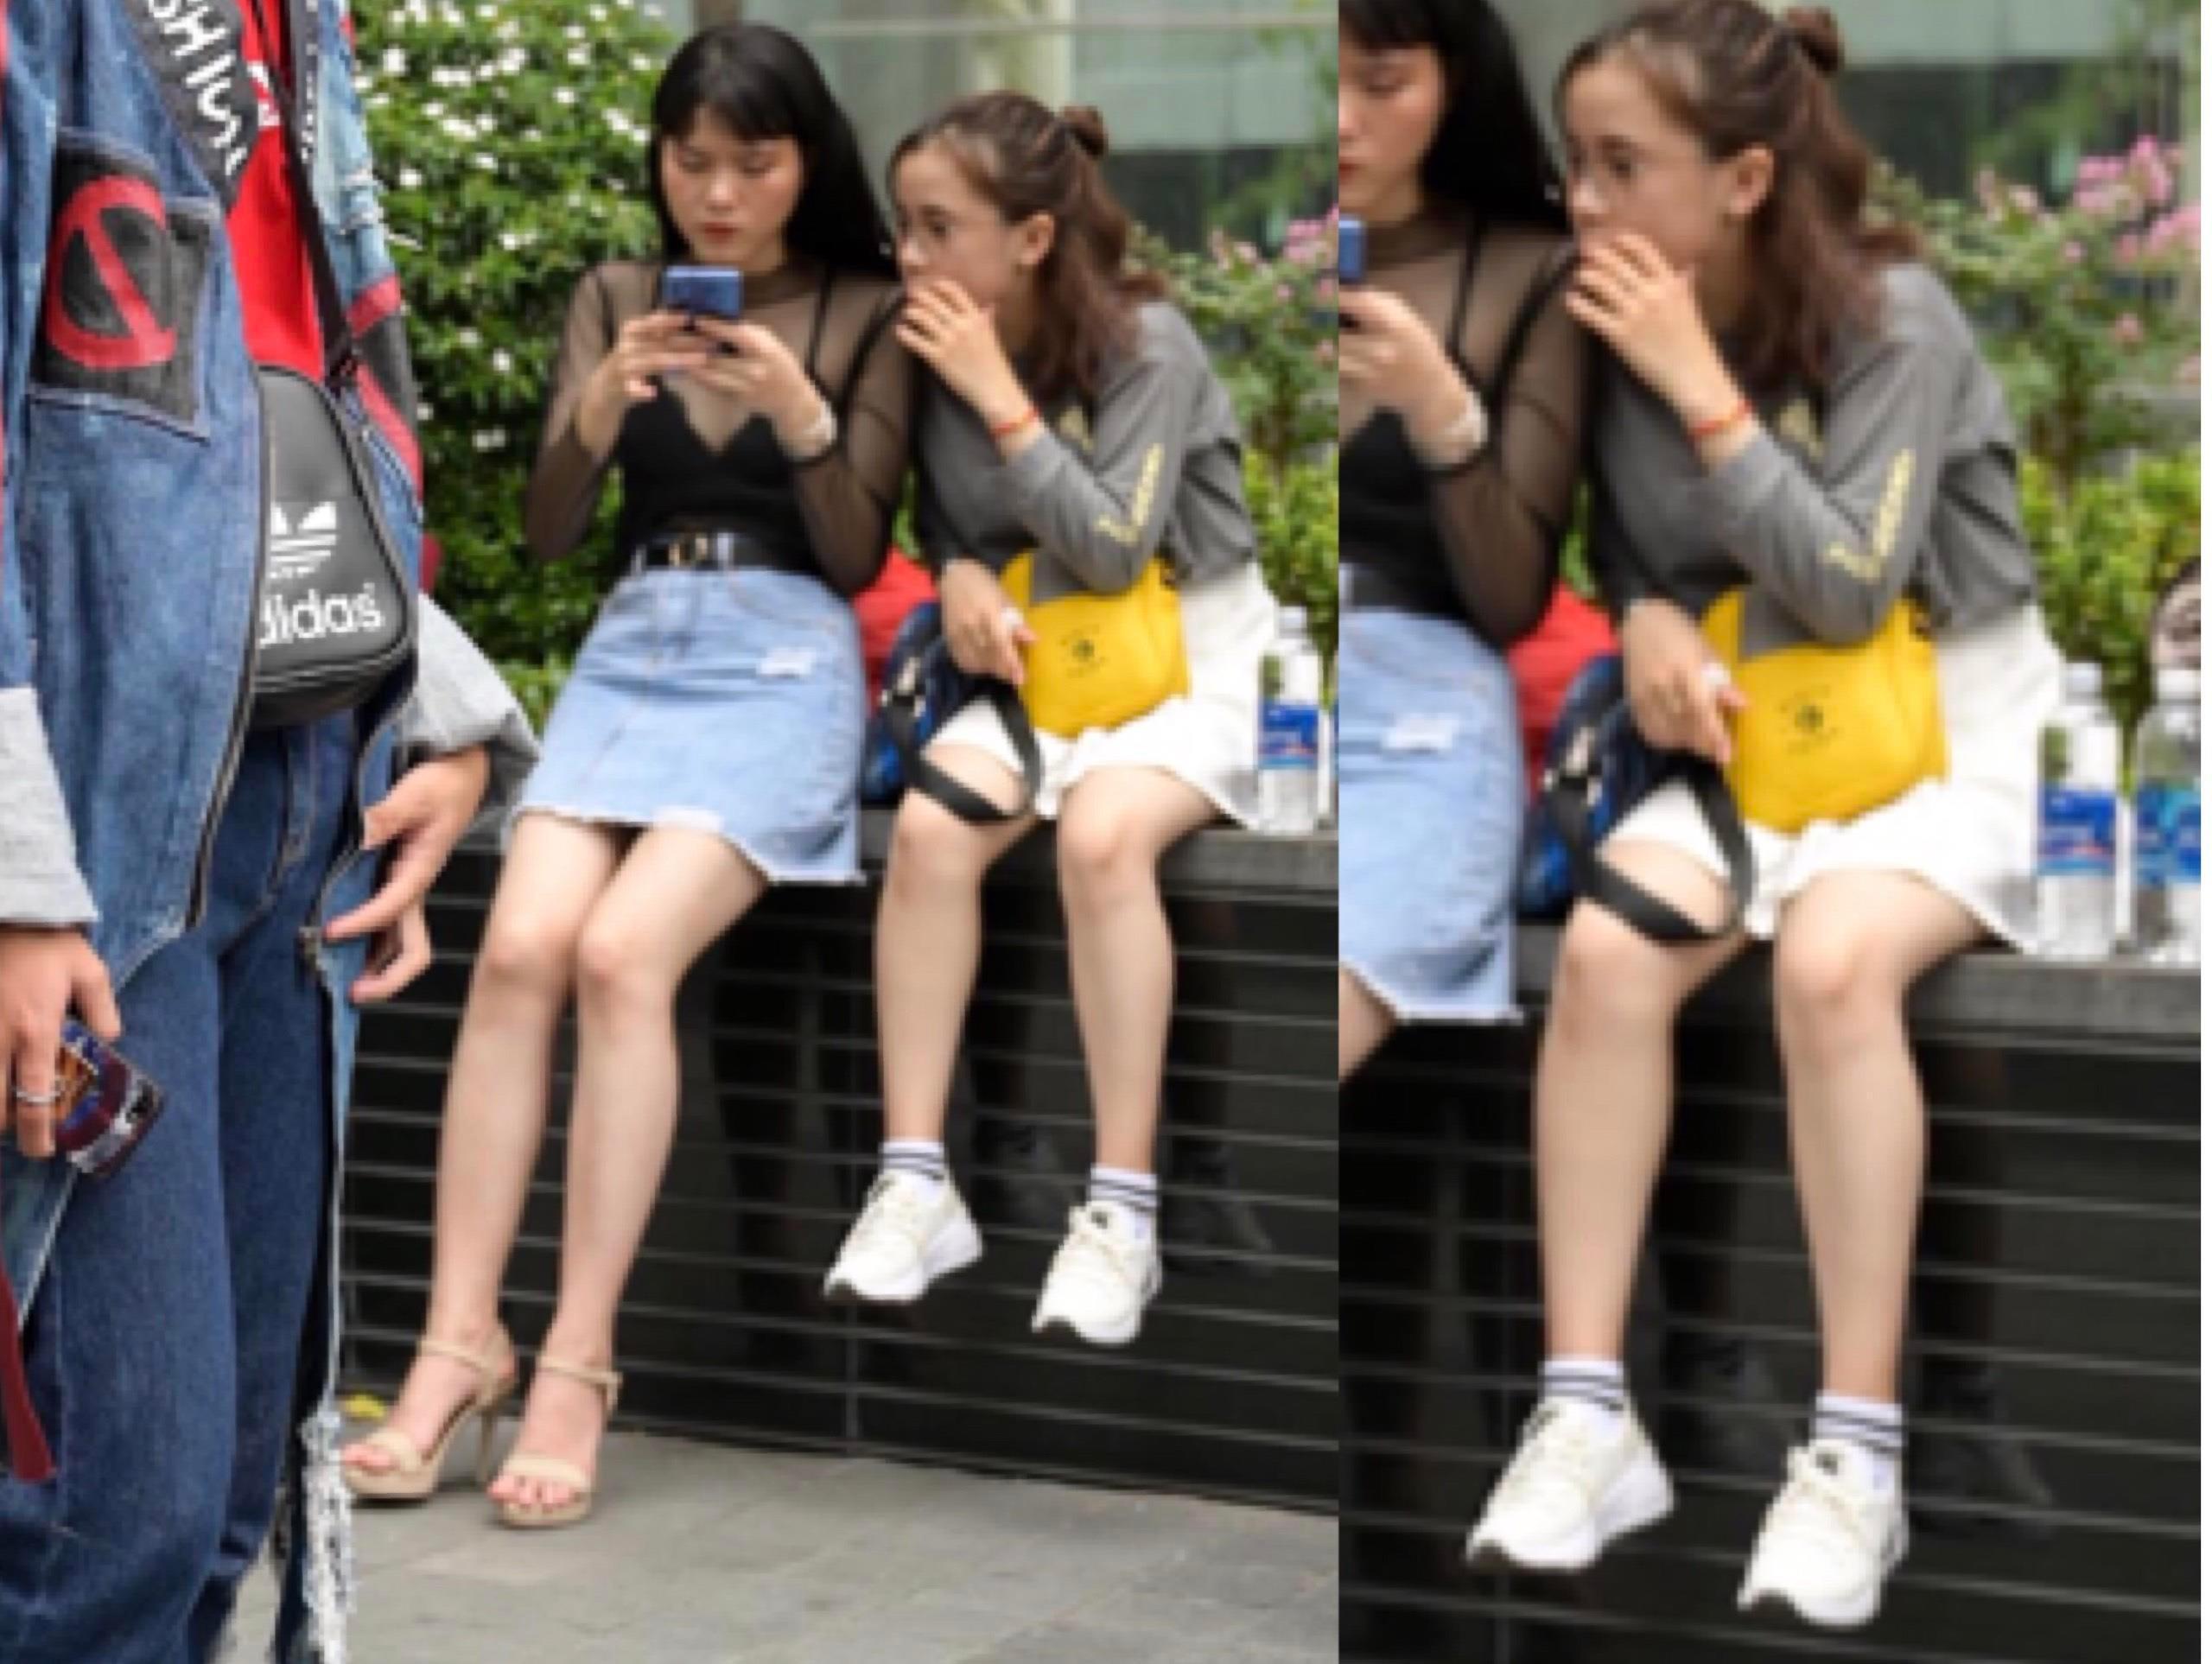 Lỡ lọt khung hình người lạ, cô gái được khen 'chân ngắn đáng yêu mà'